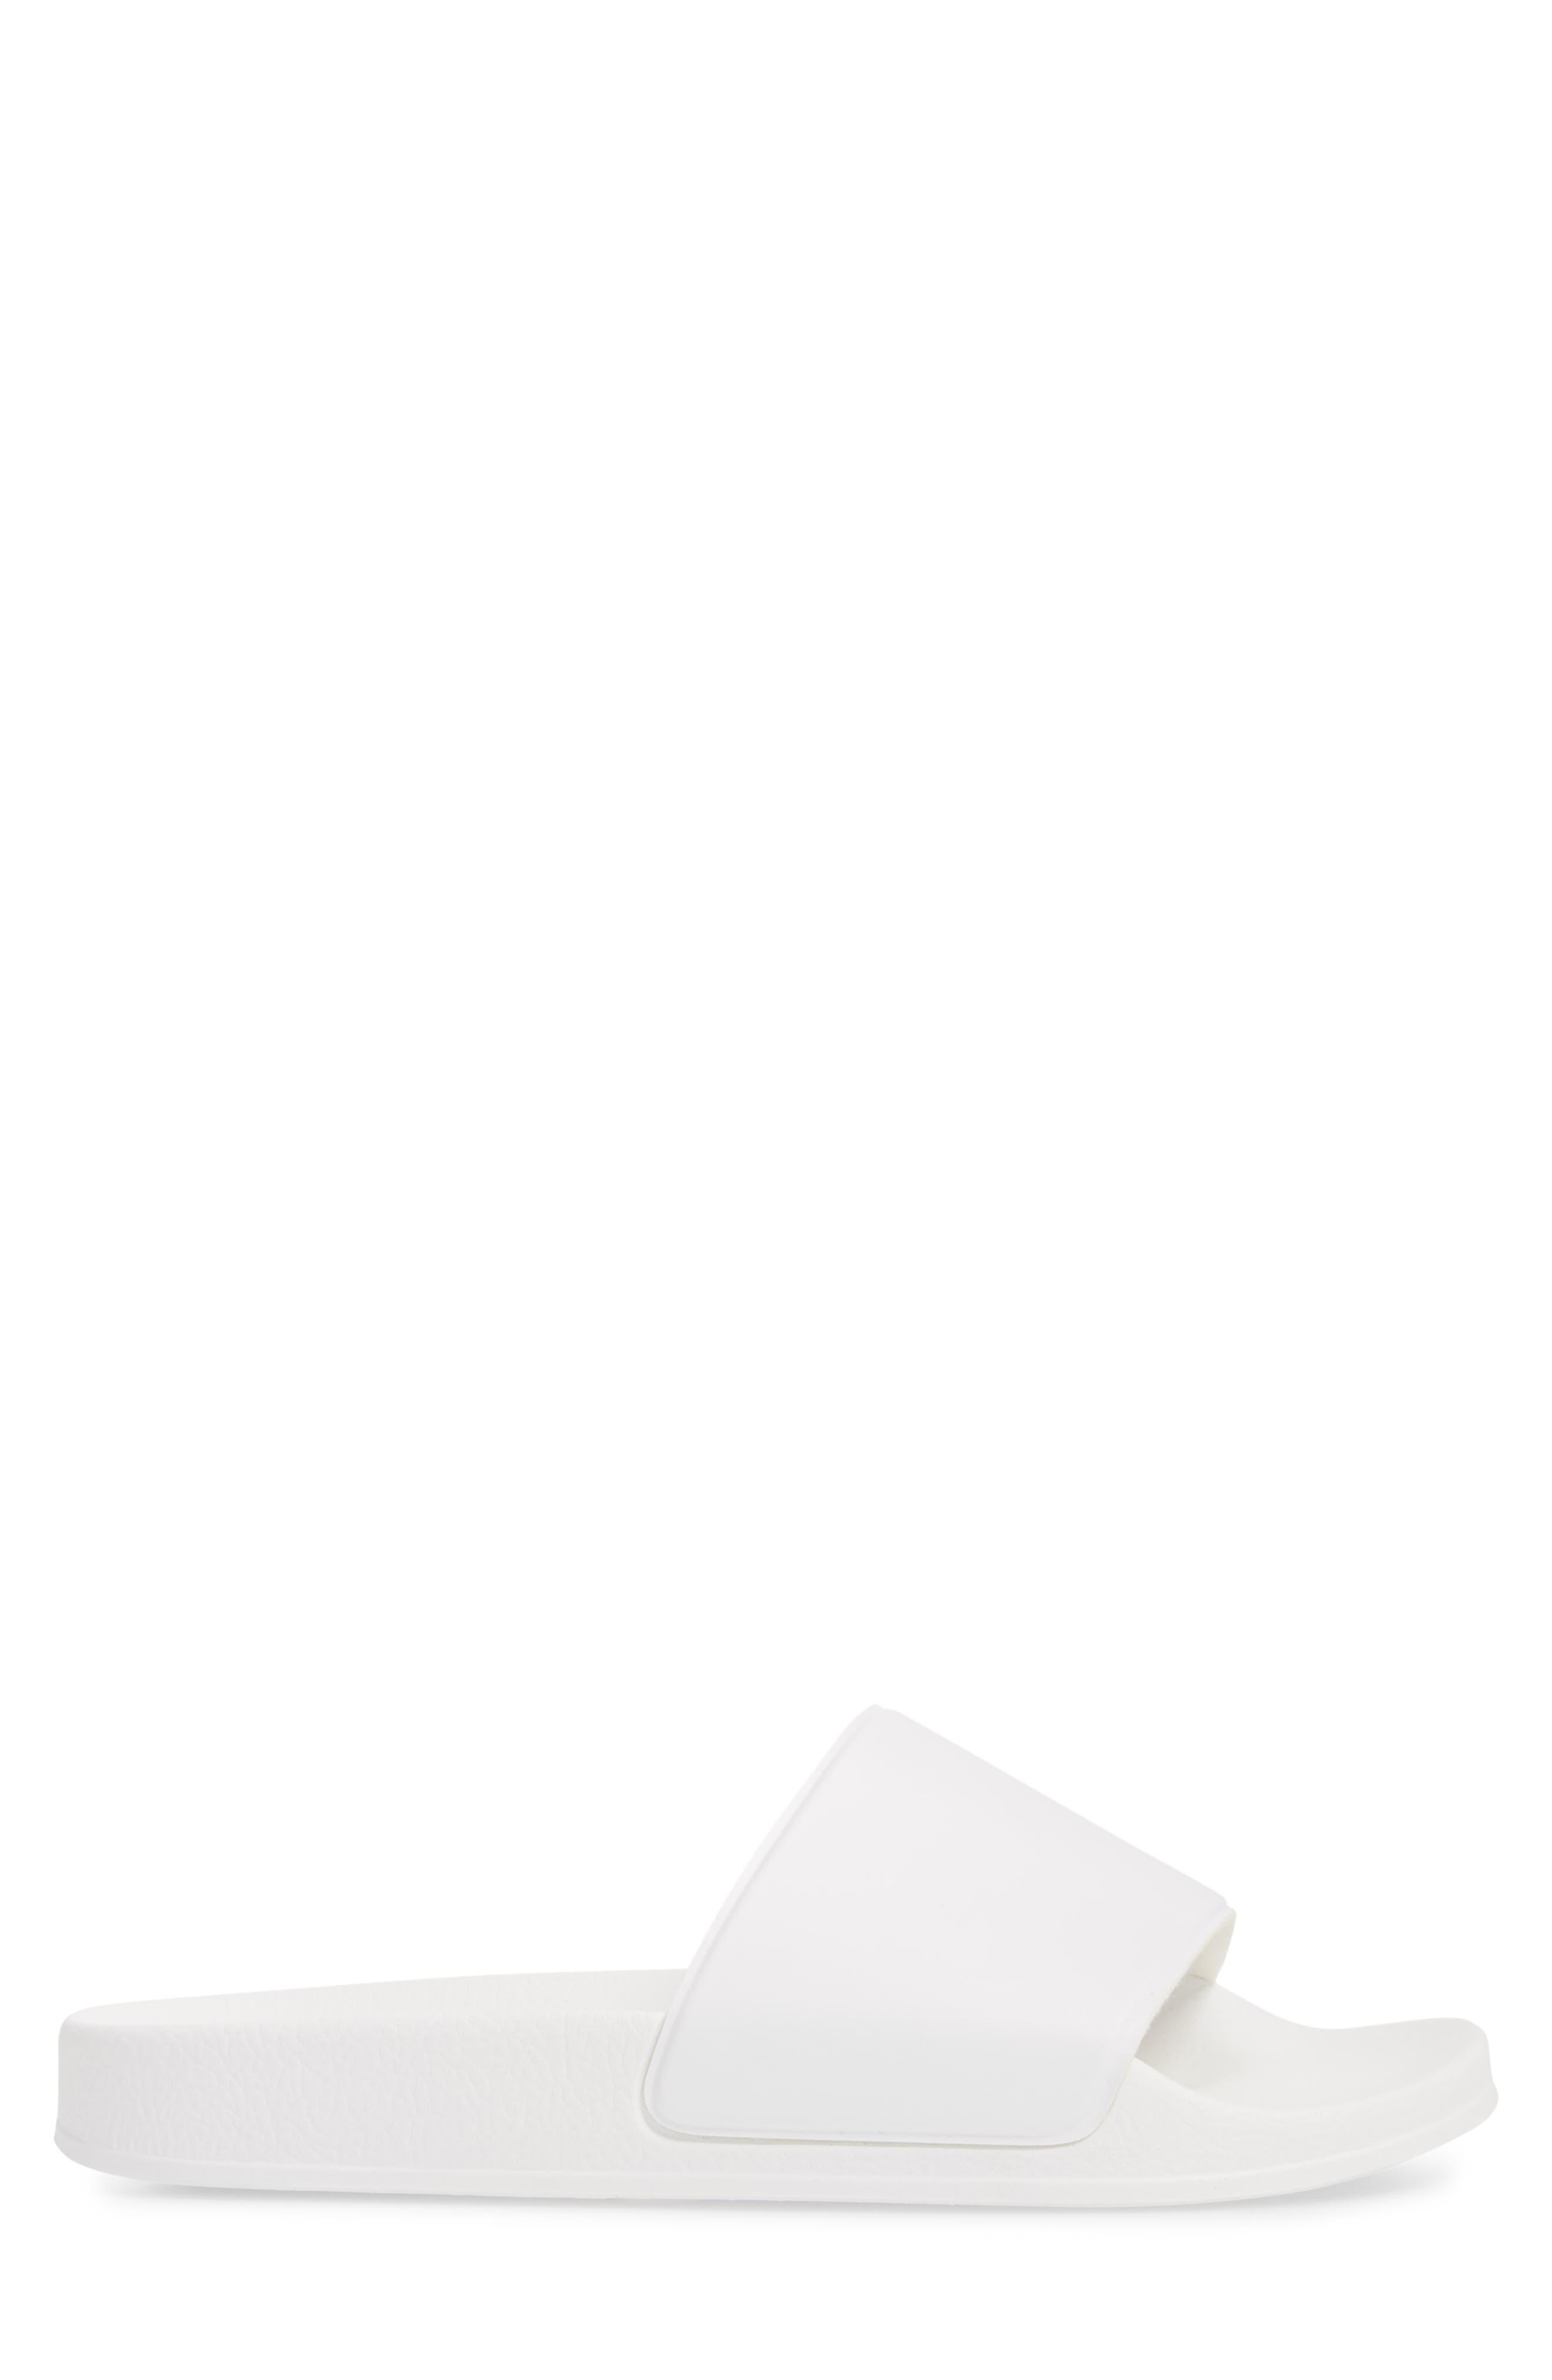 Bondi Slide Sandal,                             Alternate thumbnail 3, color,                             White